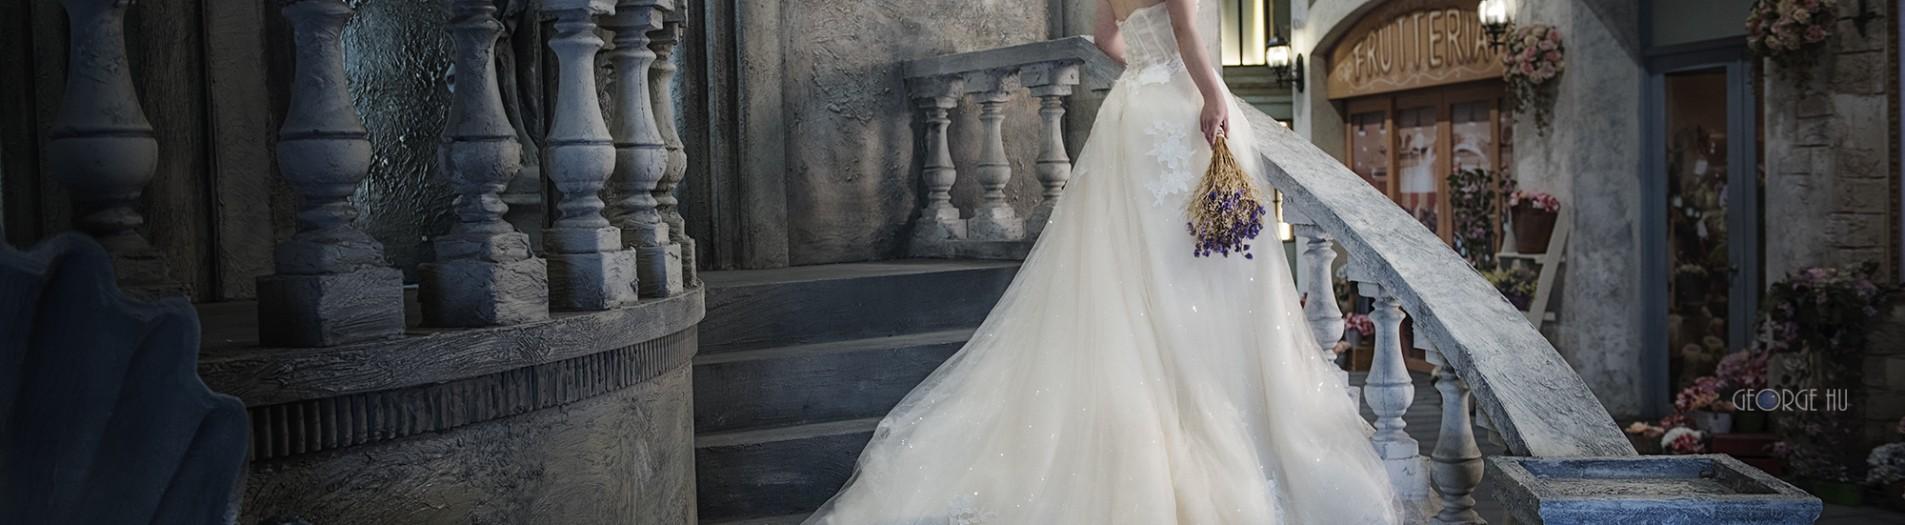 布拉格片場 風格婚紗